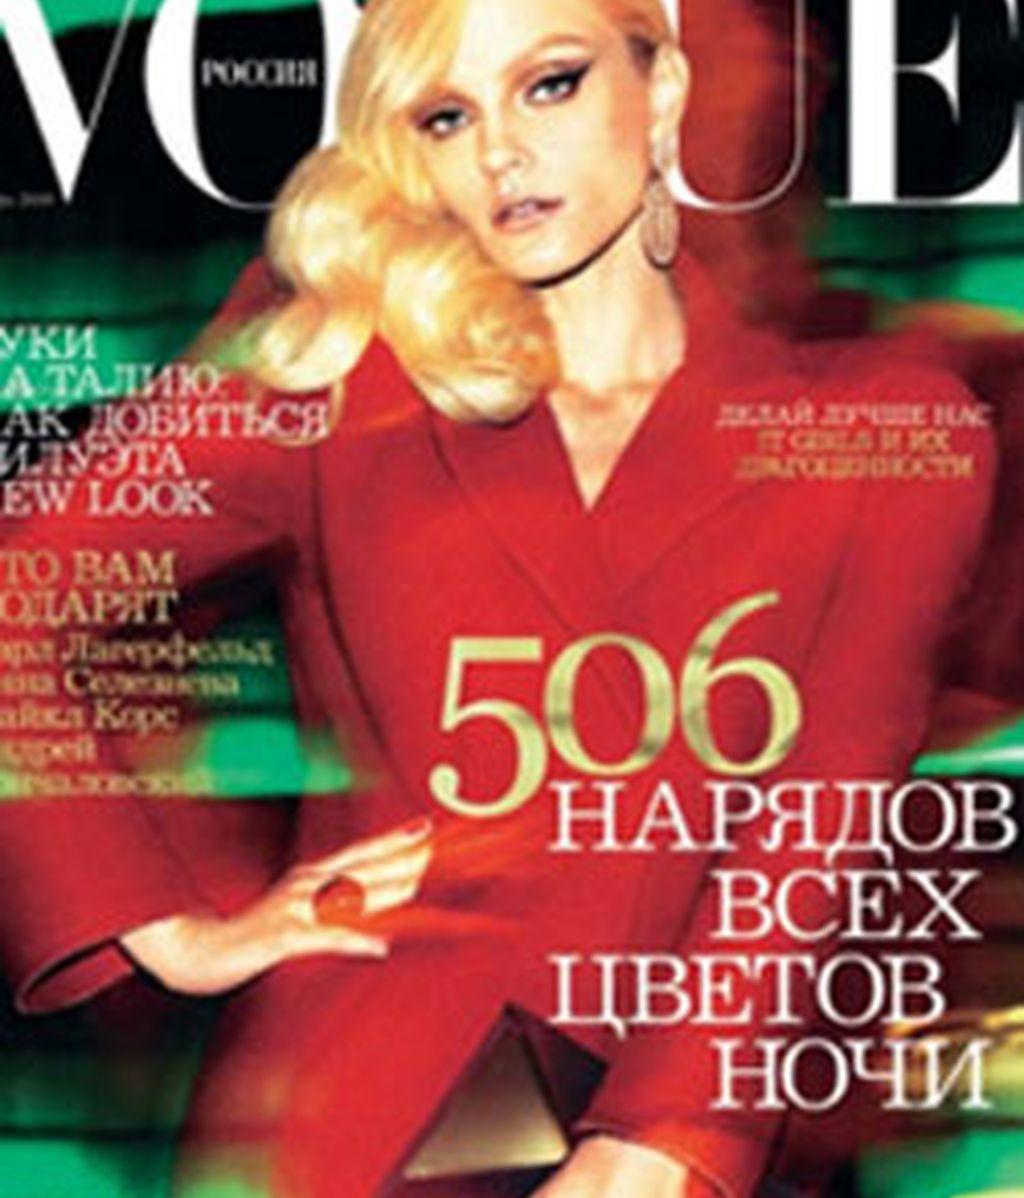 La biblia de la moda se estrena en este terreno con una campaña publicitaria protagonizada por la actriz italiana Monica Bellucci.